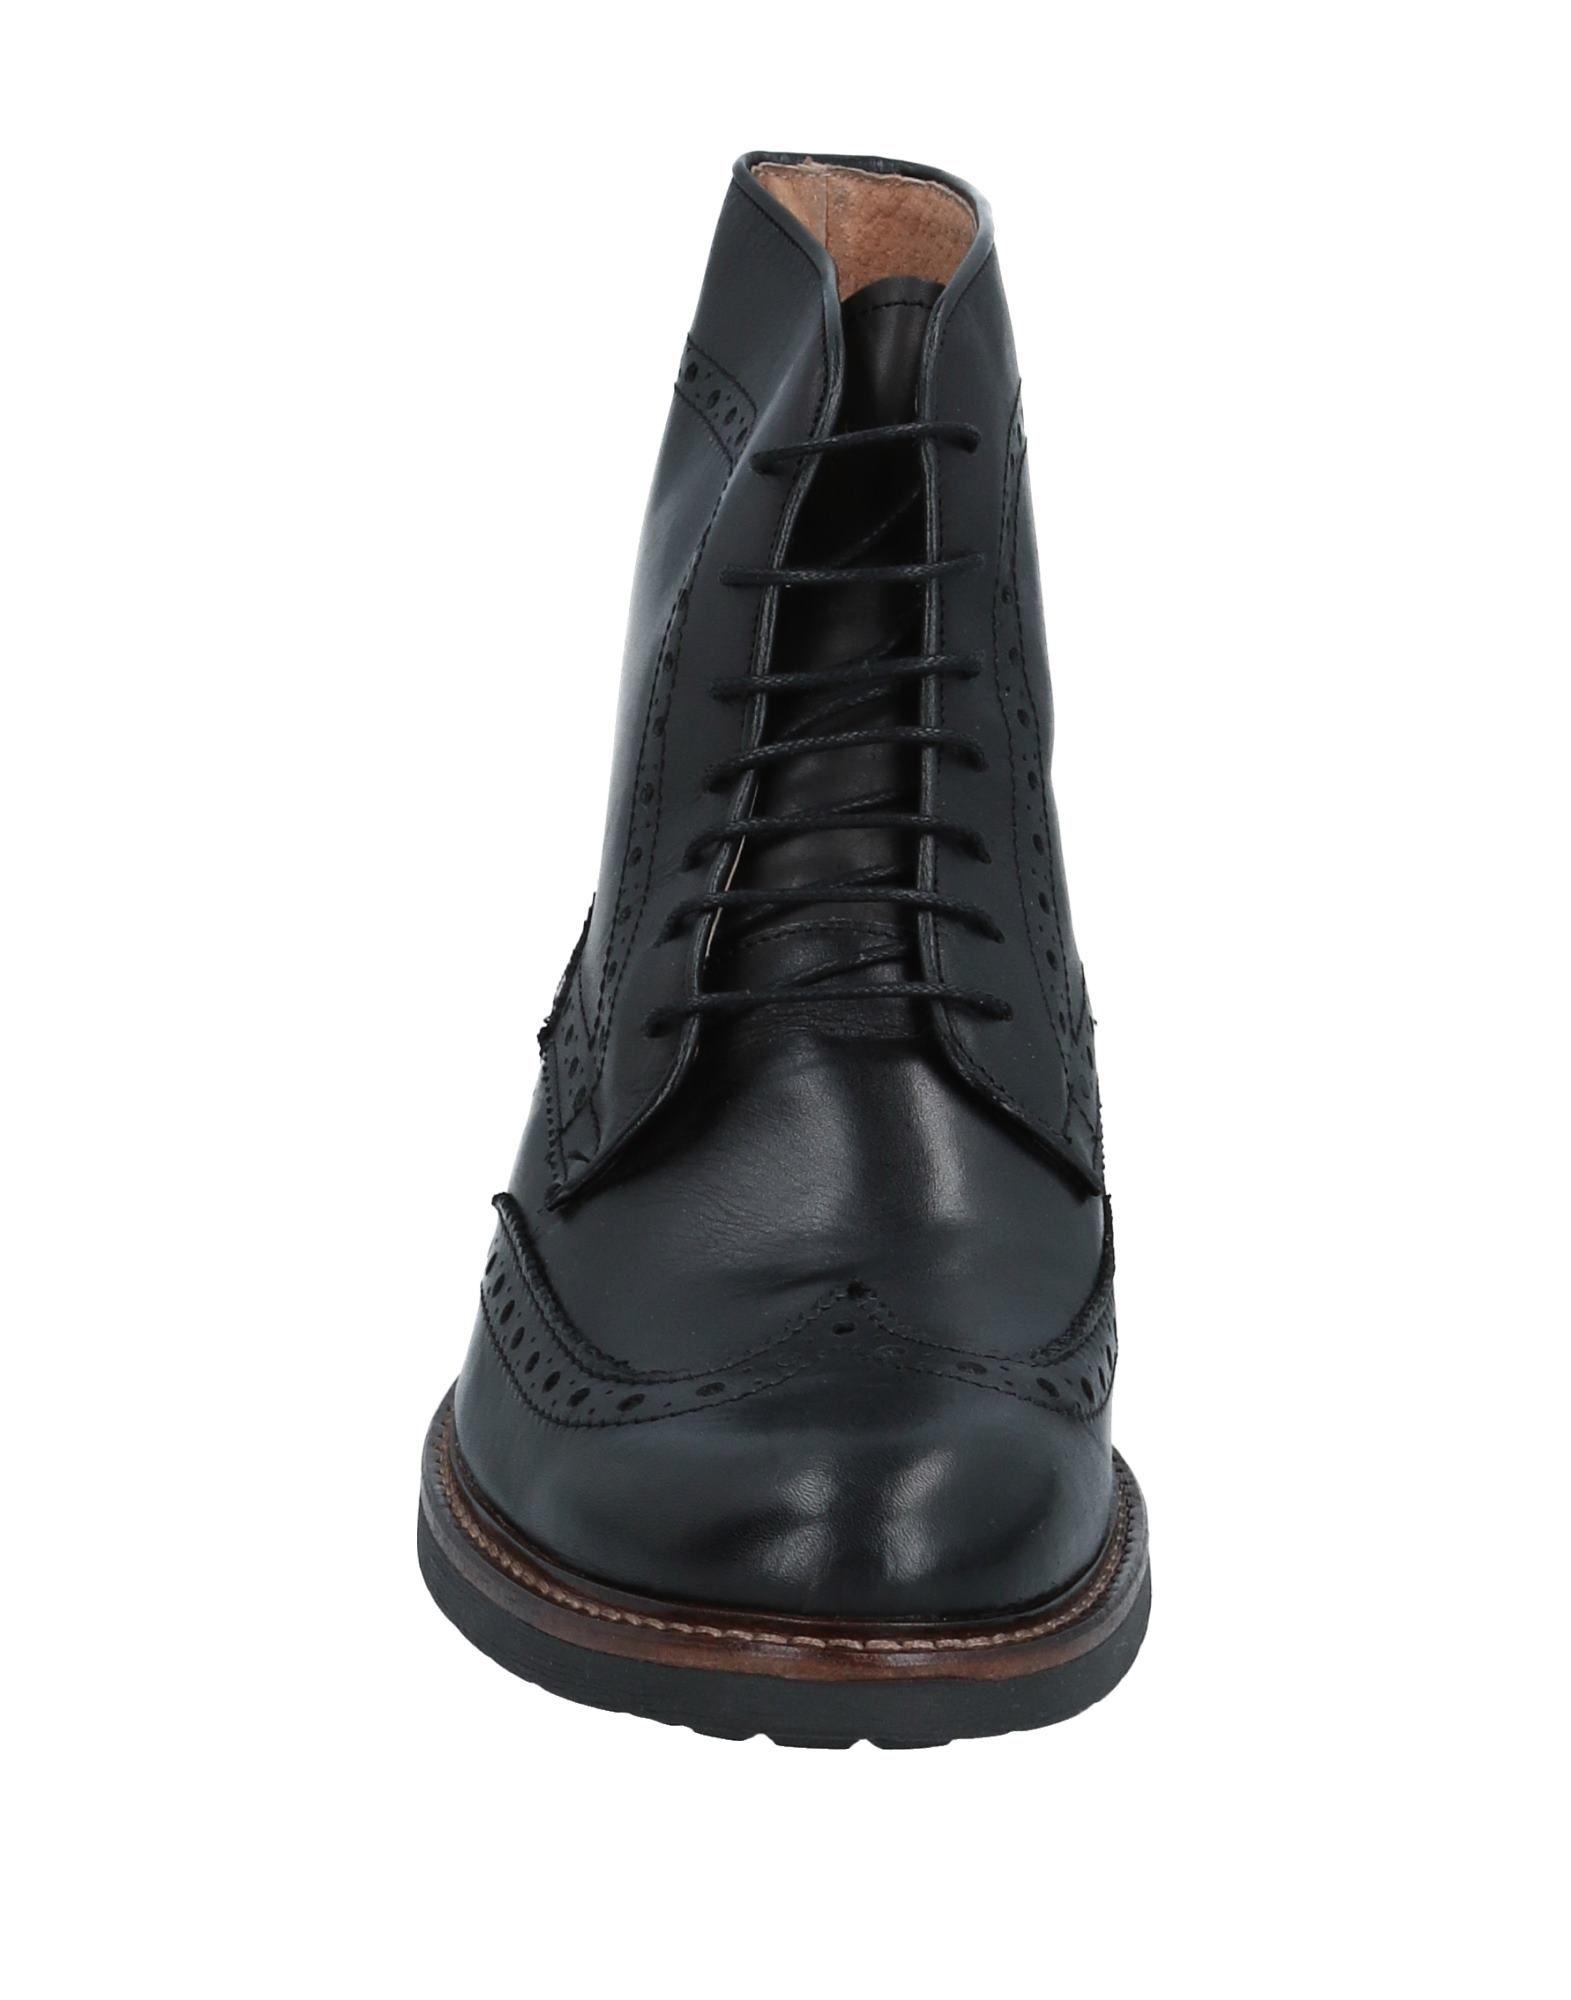 Rabatt echte Schuhe Dama Stiefelette  Herren  Stiefelette 11513268WO 99a85d